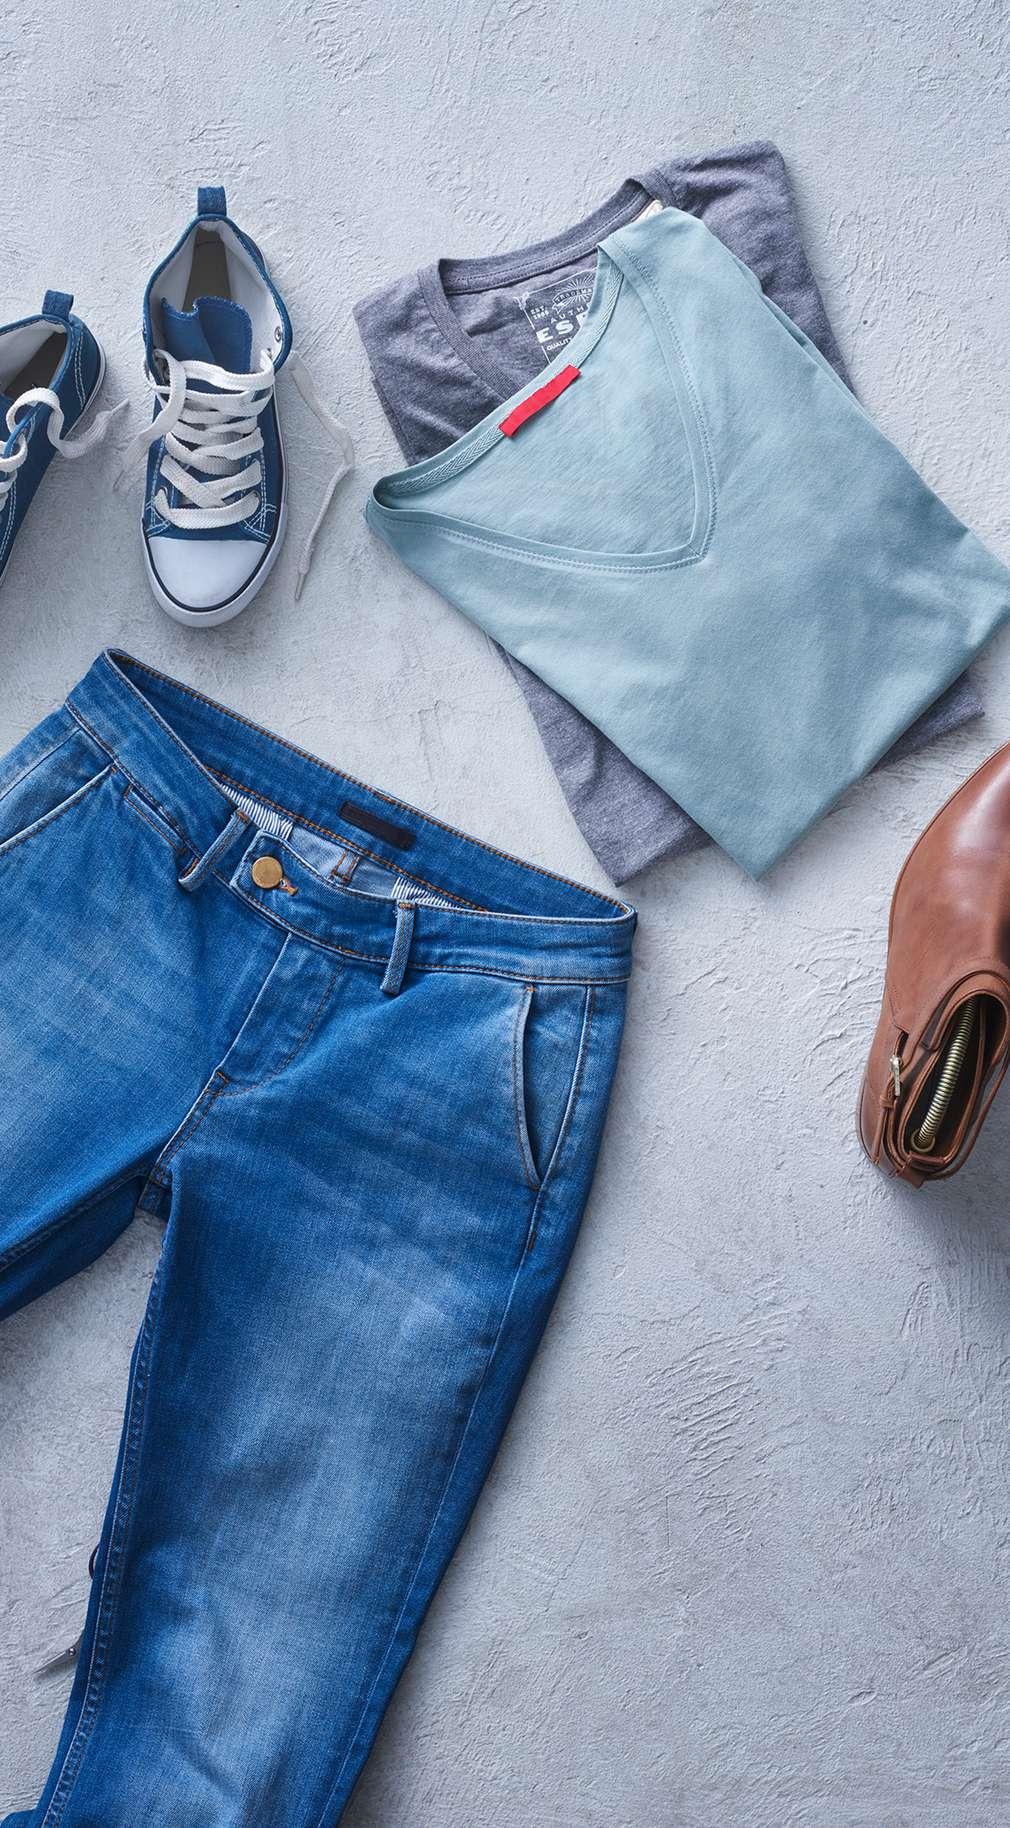 Odjeća, oprema za automobil, slobodno vrijeme, igračke